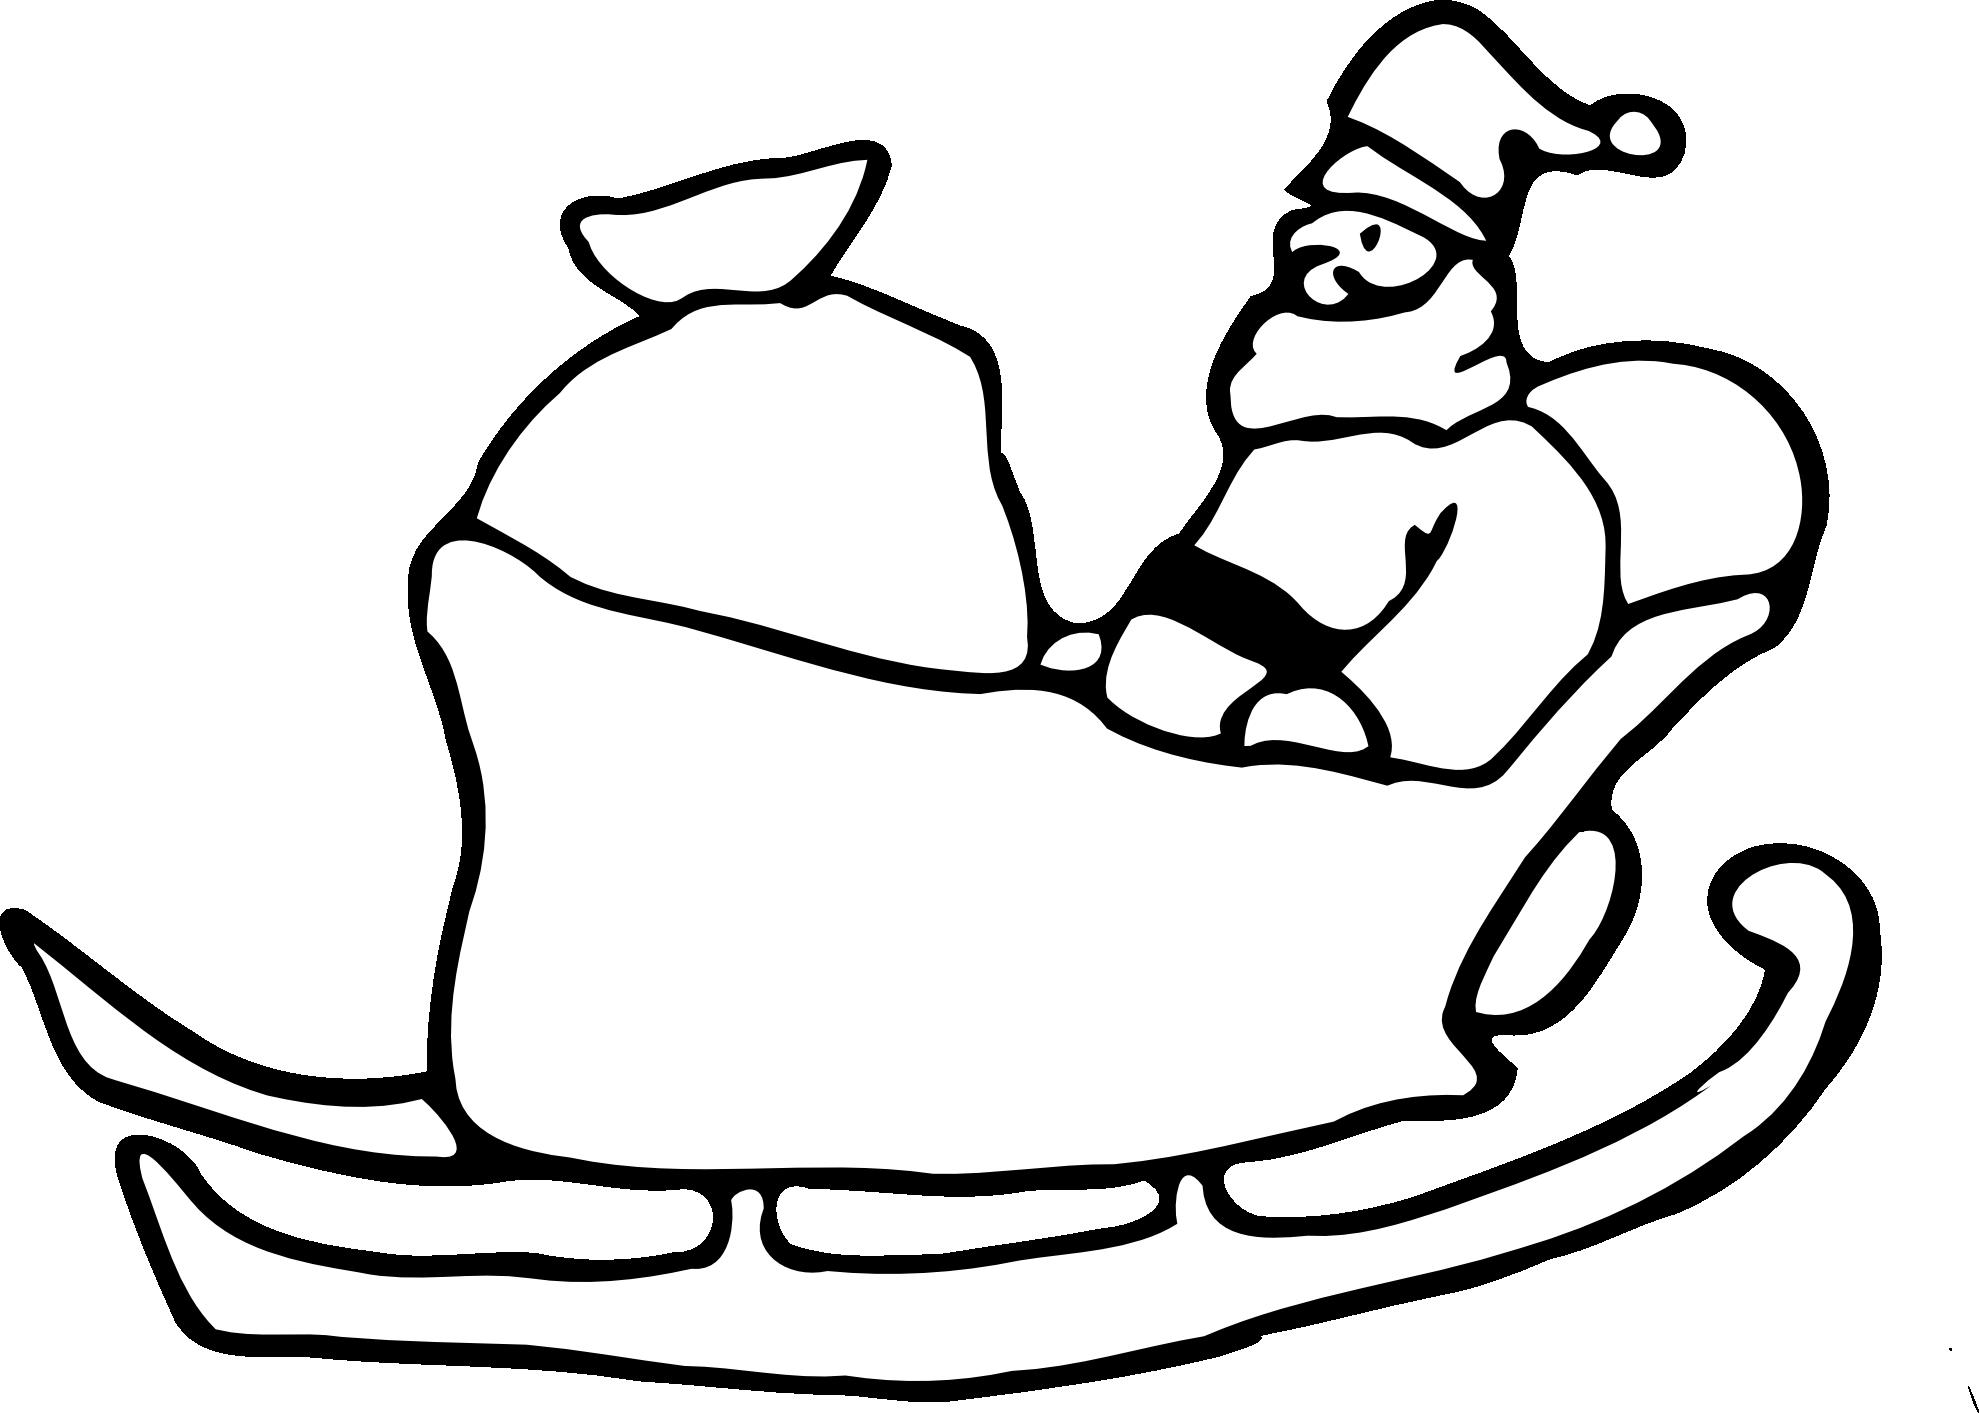 Santa drawing at getdrawings. Sleigh clipart sled